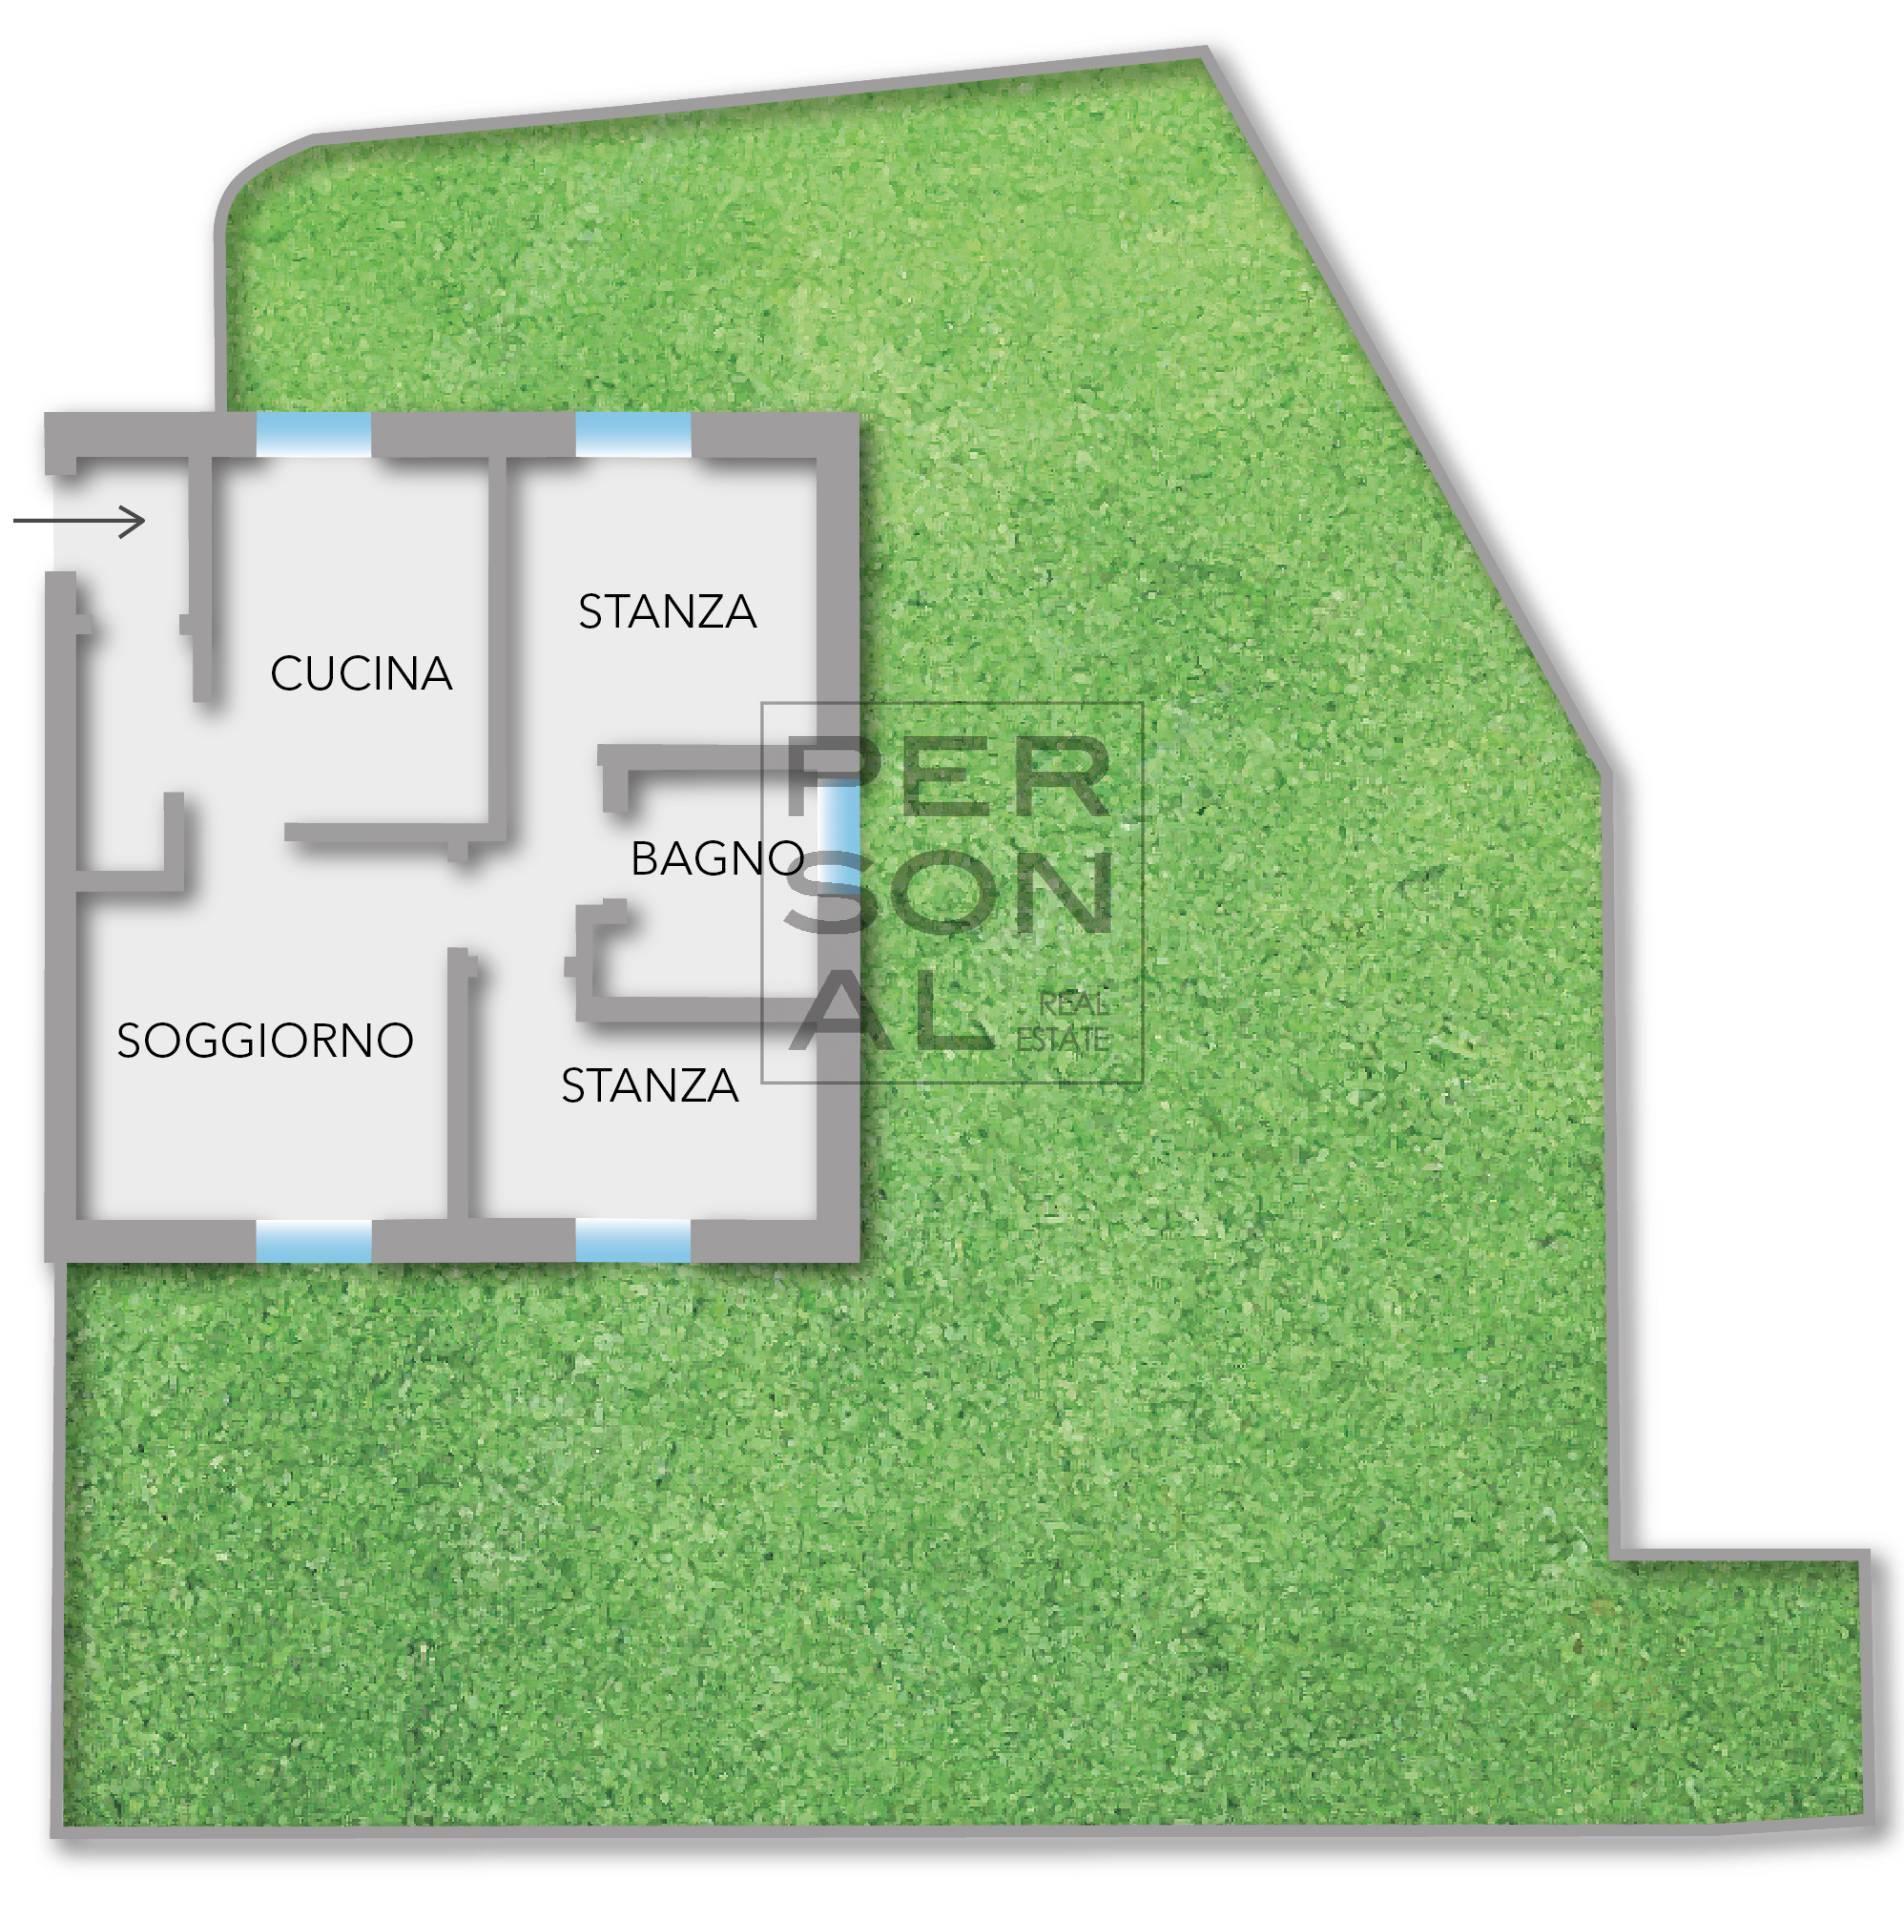 Appartamento in vendita a Roncegno Terme, 3 locali, prezzo € 180.000 | CambioCasa.it